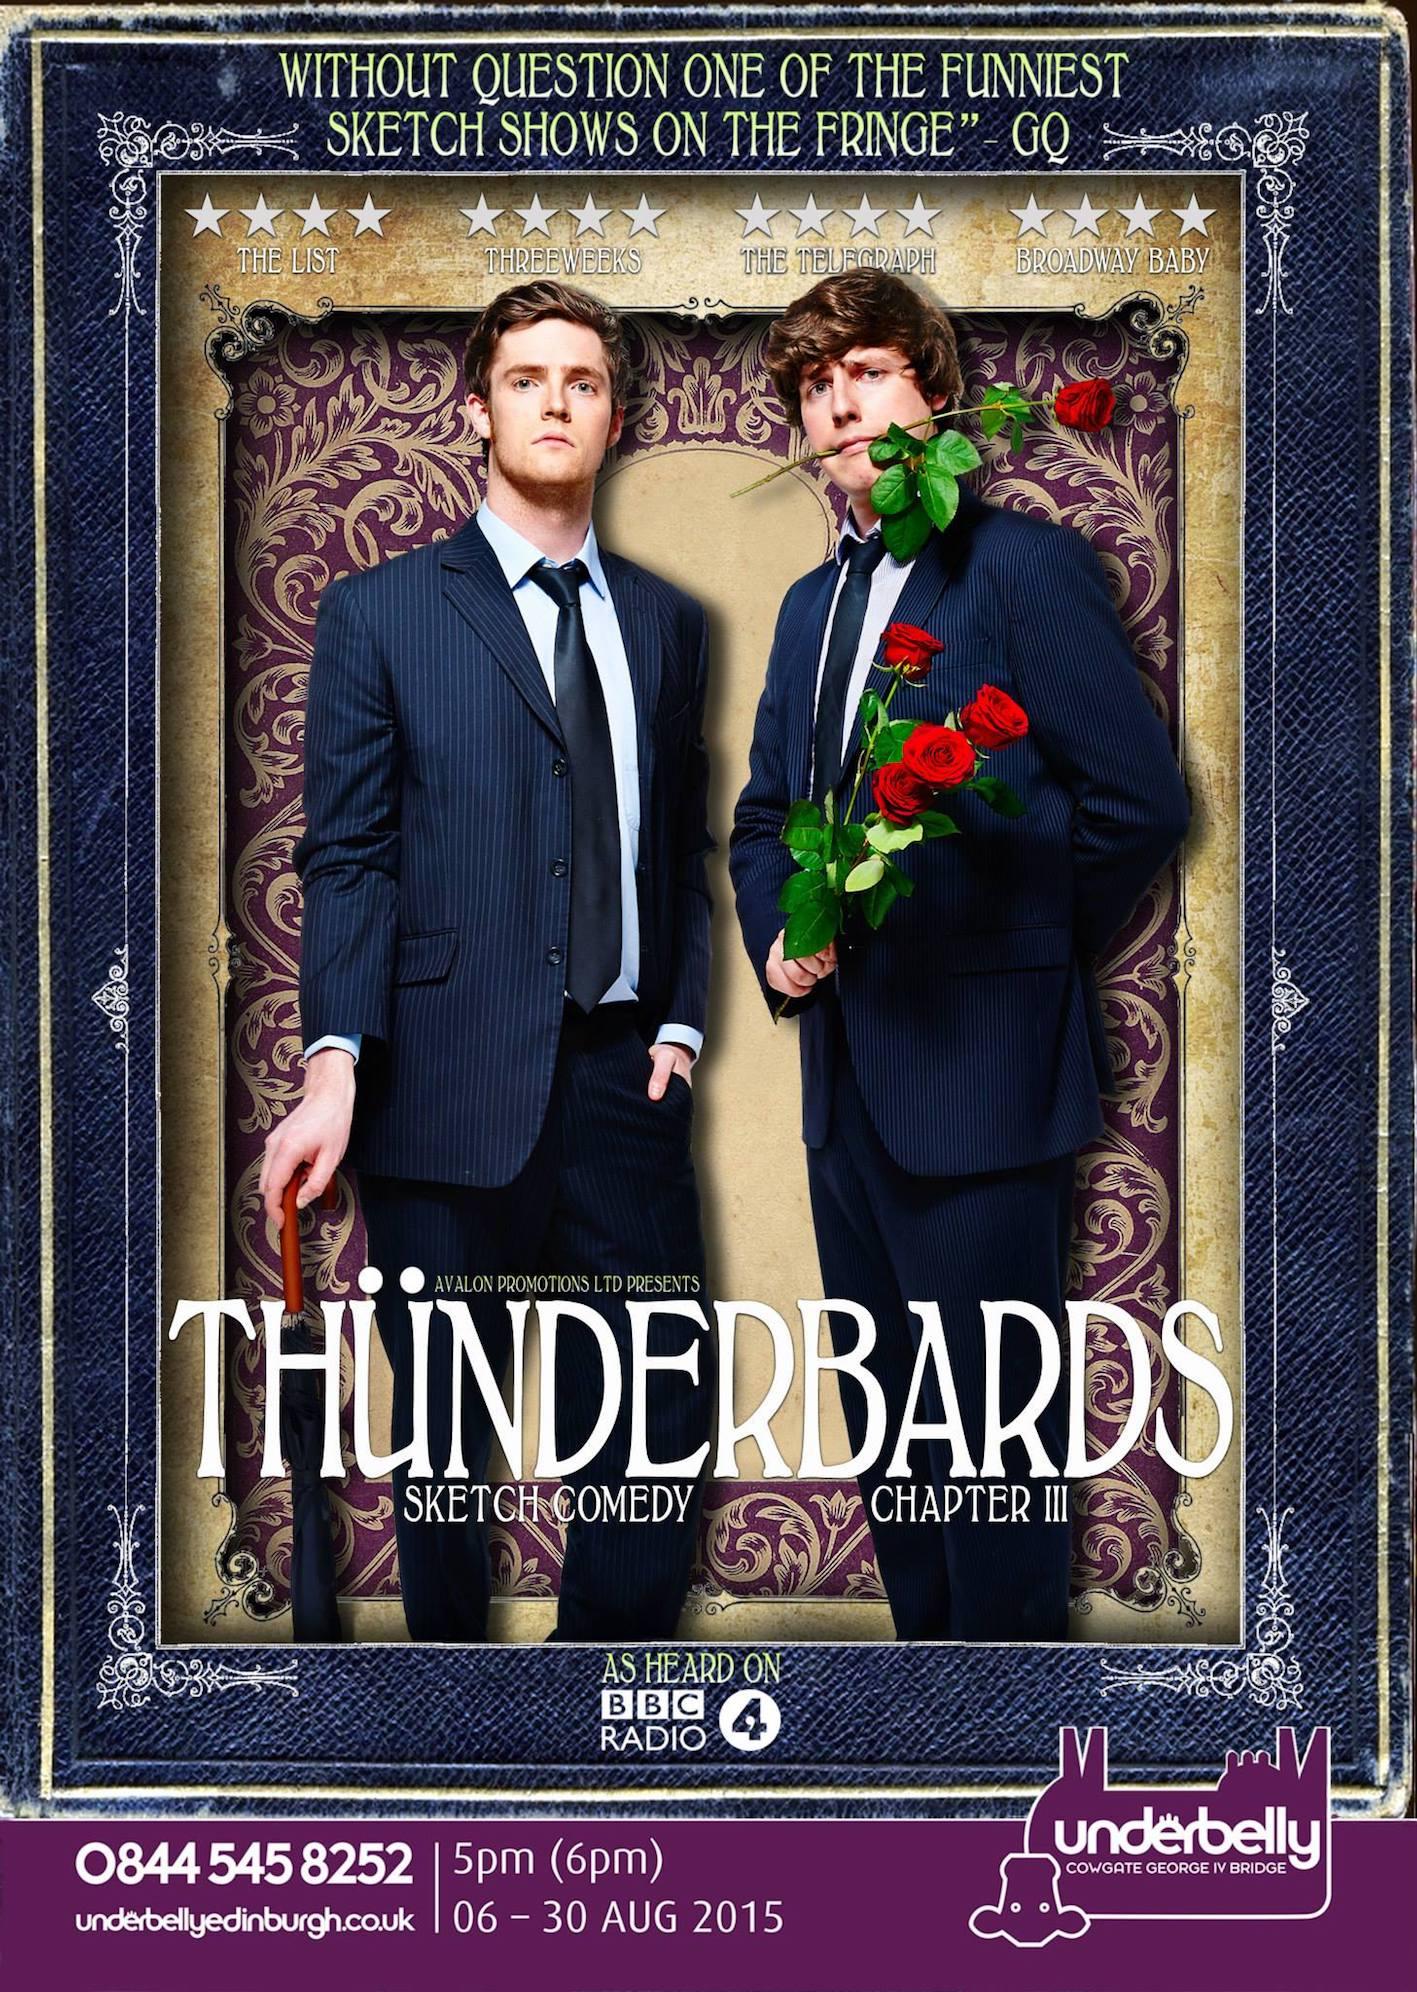 Thunderbards 2015